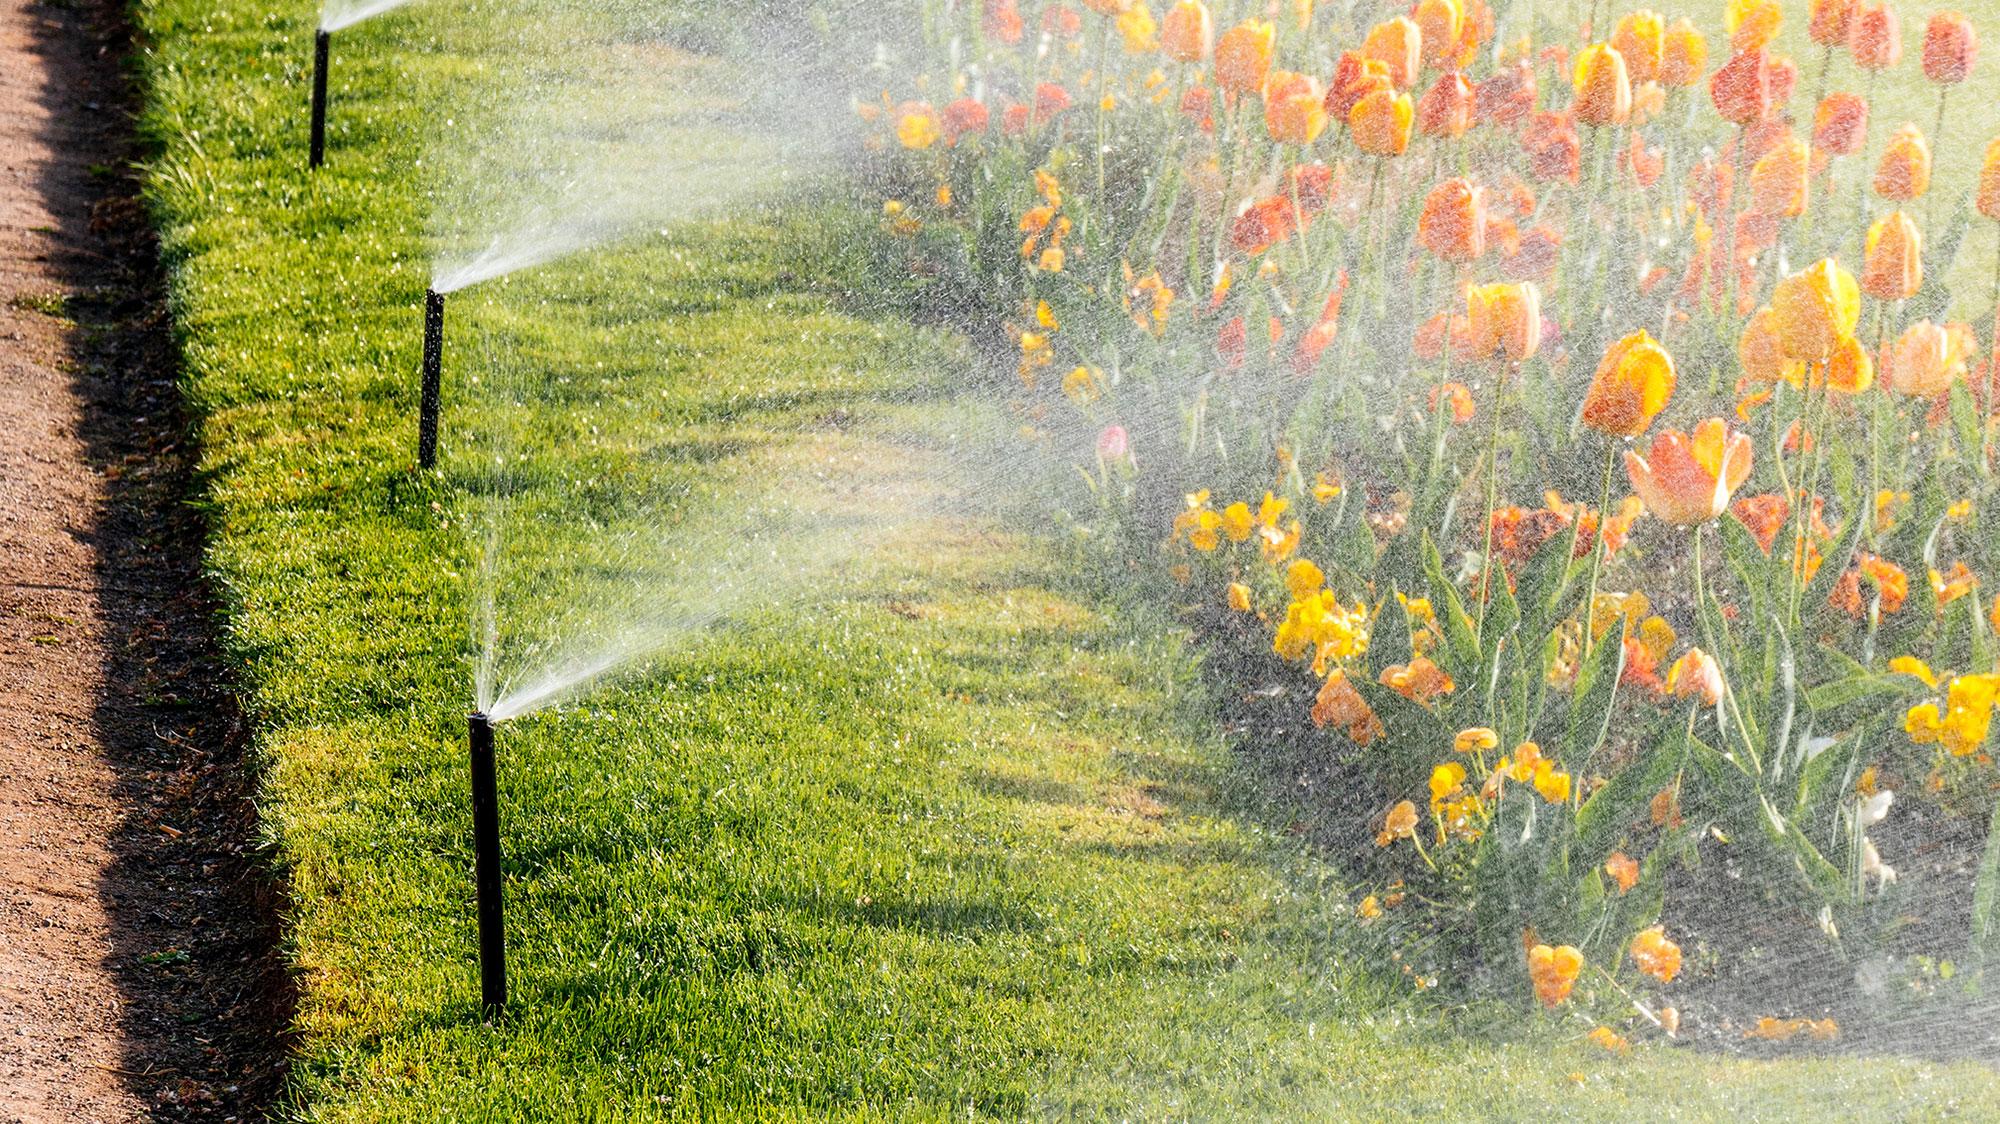 Nguyên lý hoạt động của hệ thống tưới phun mưa